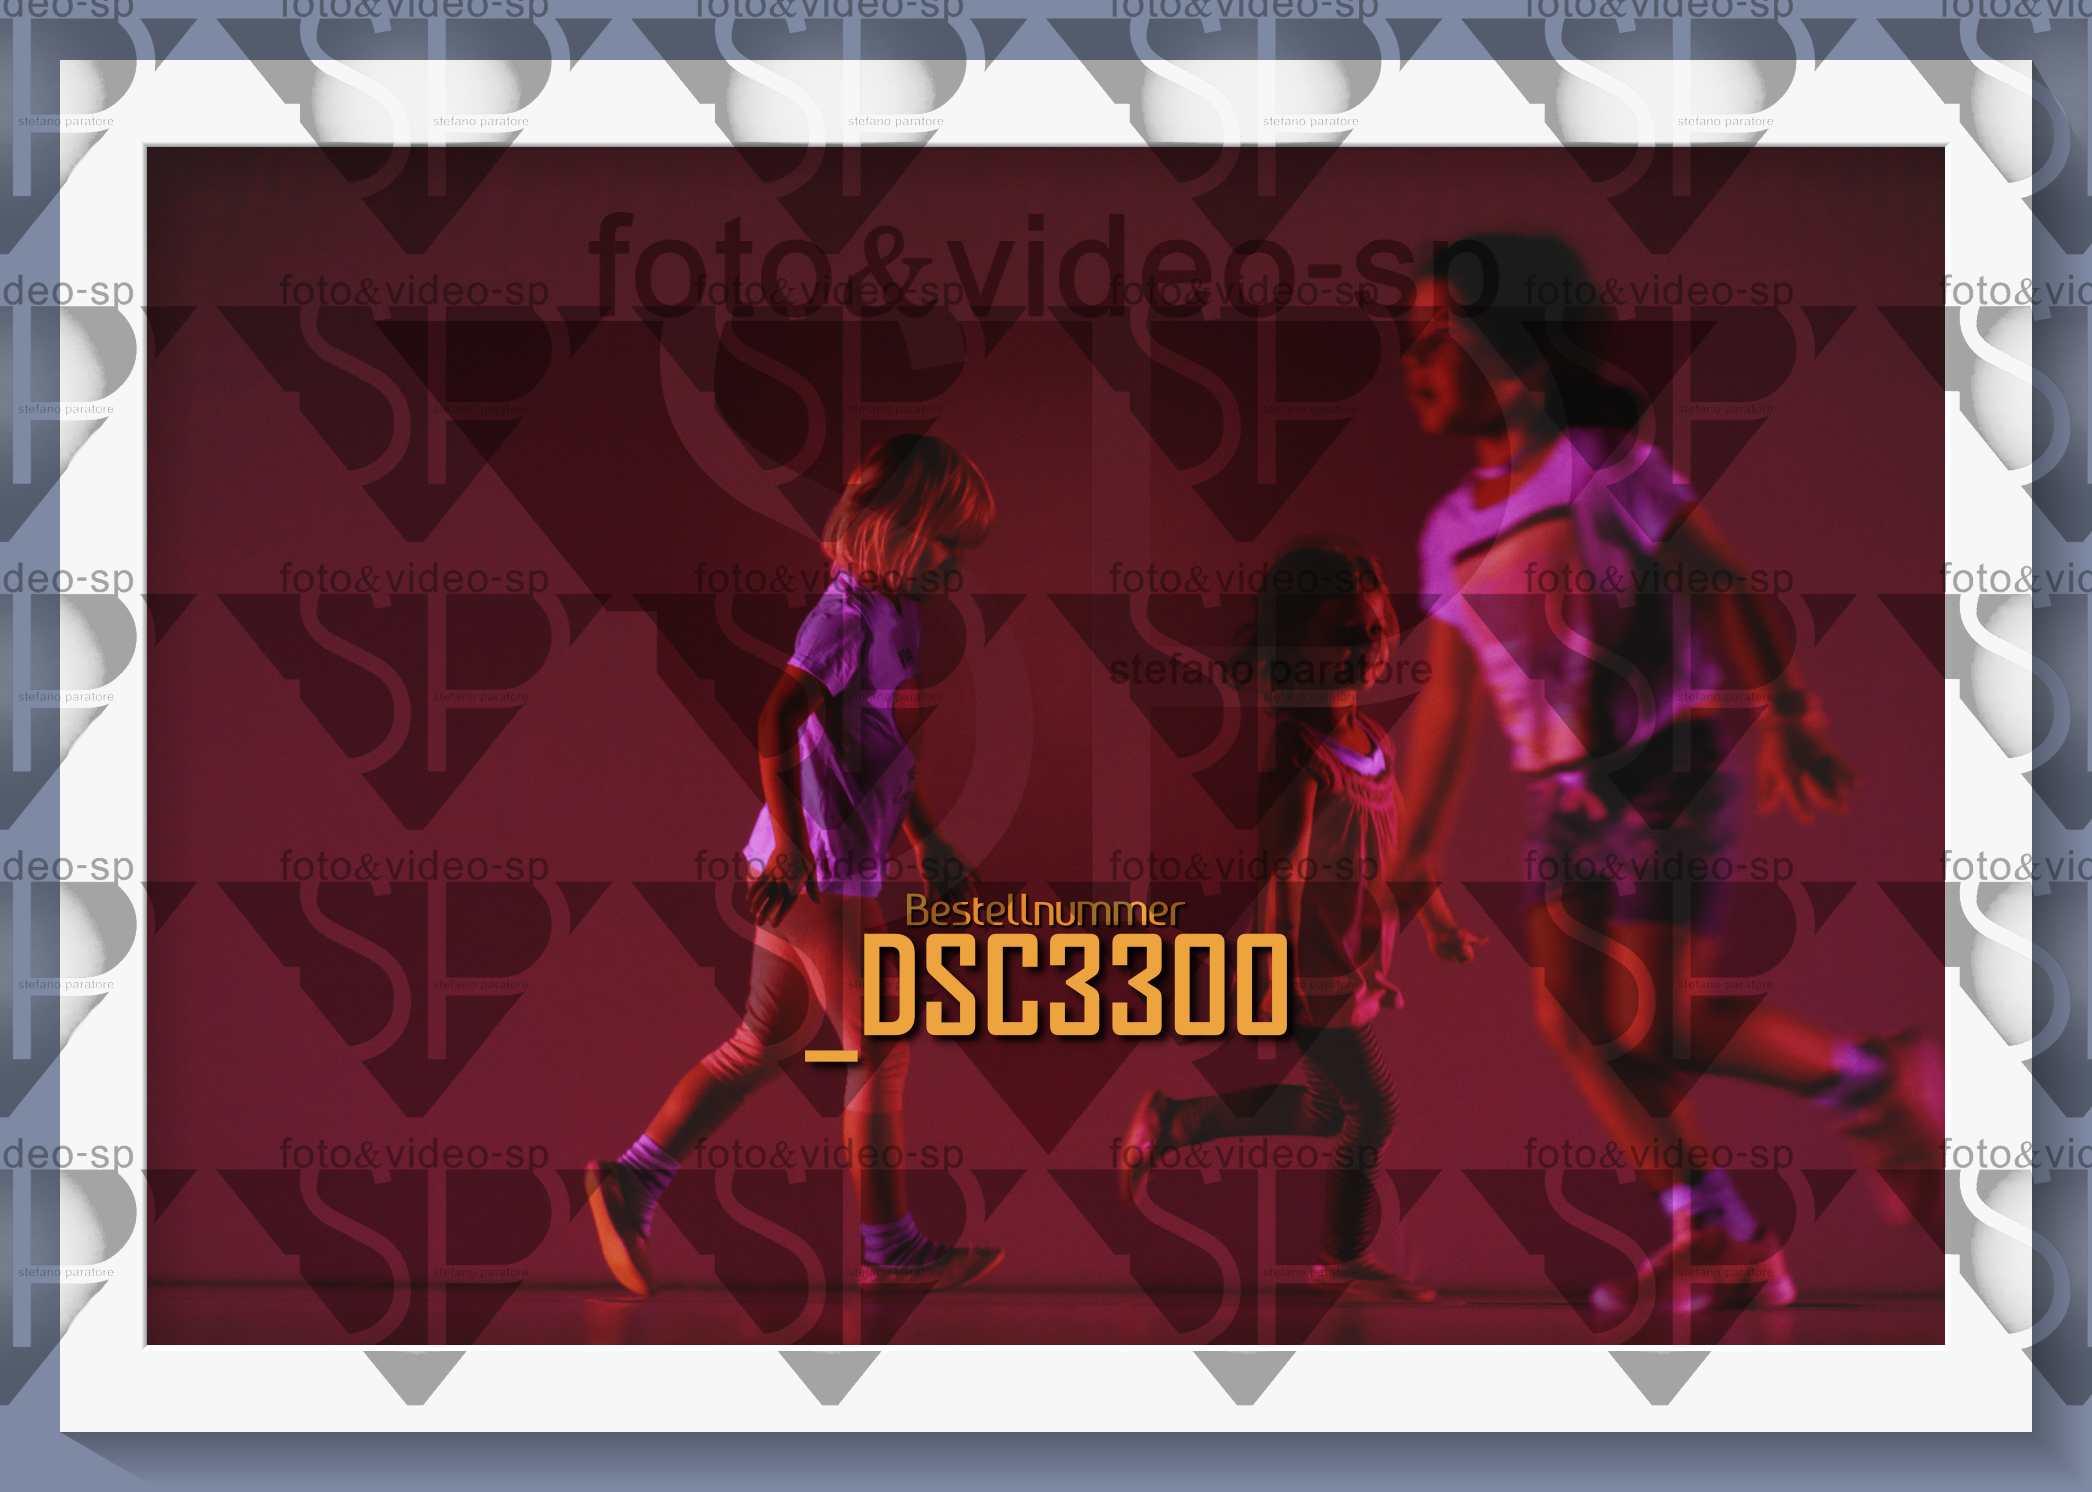 DSC3300